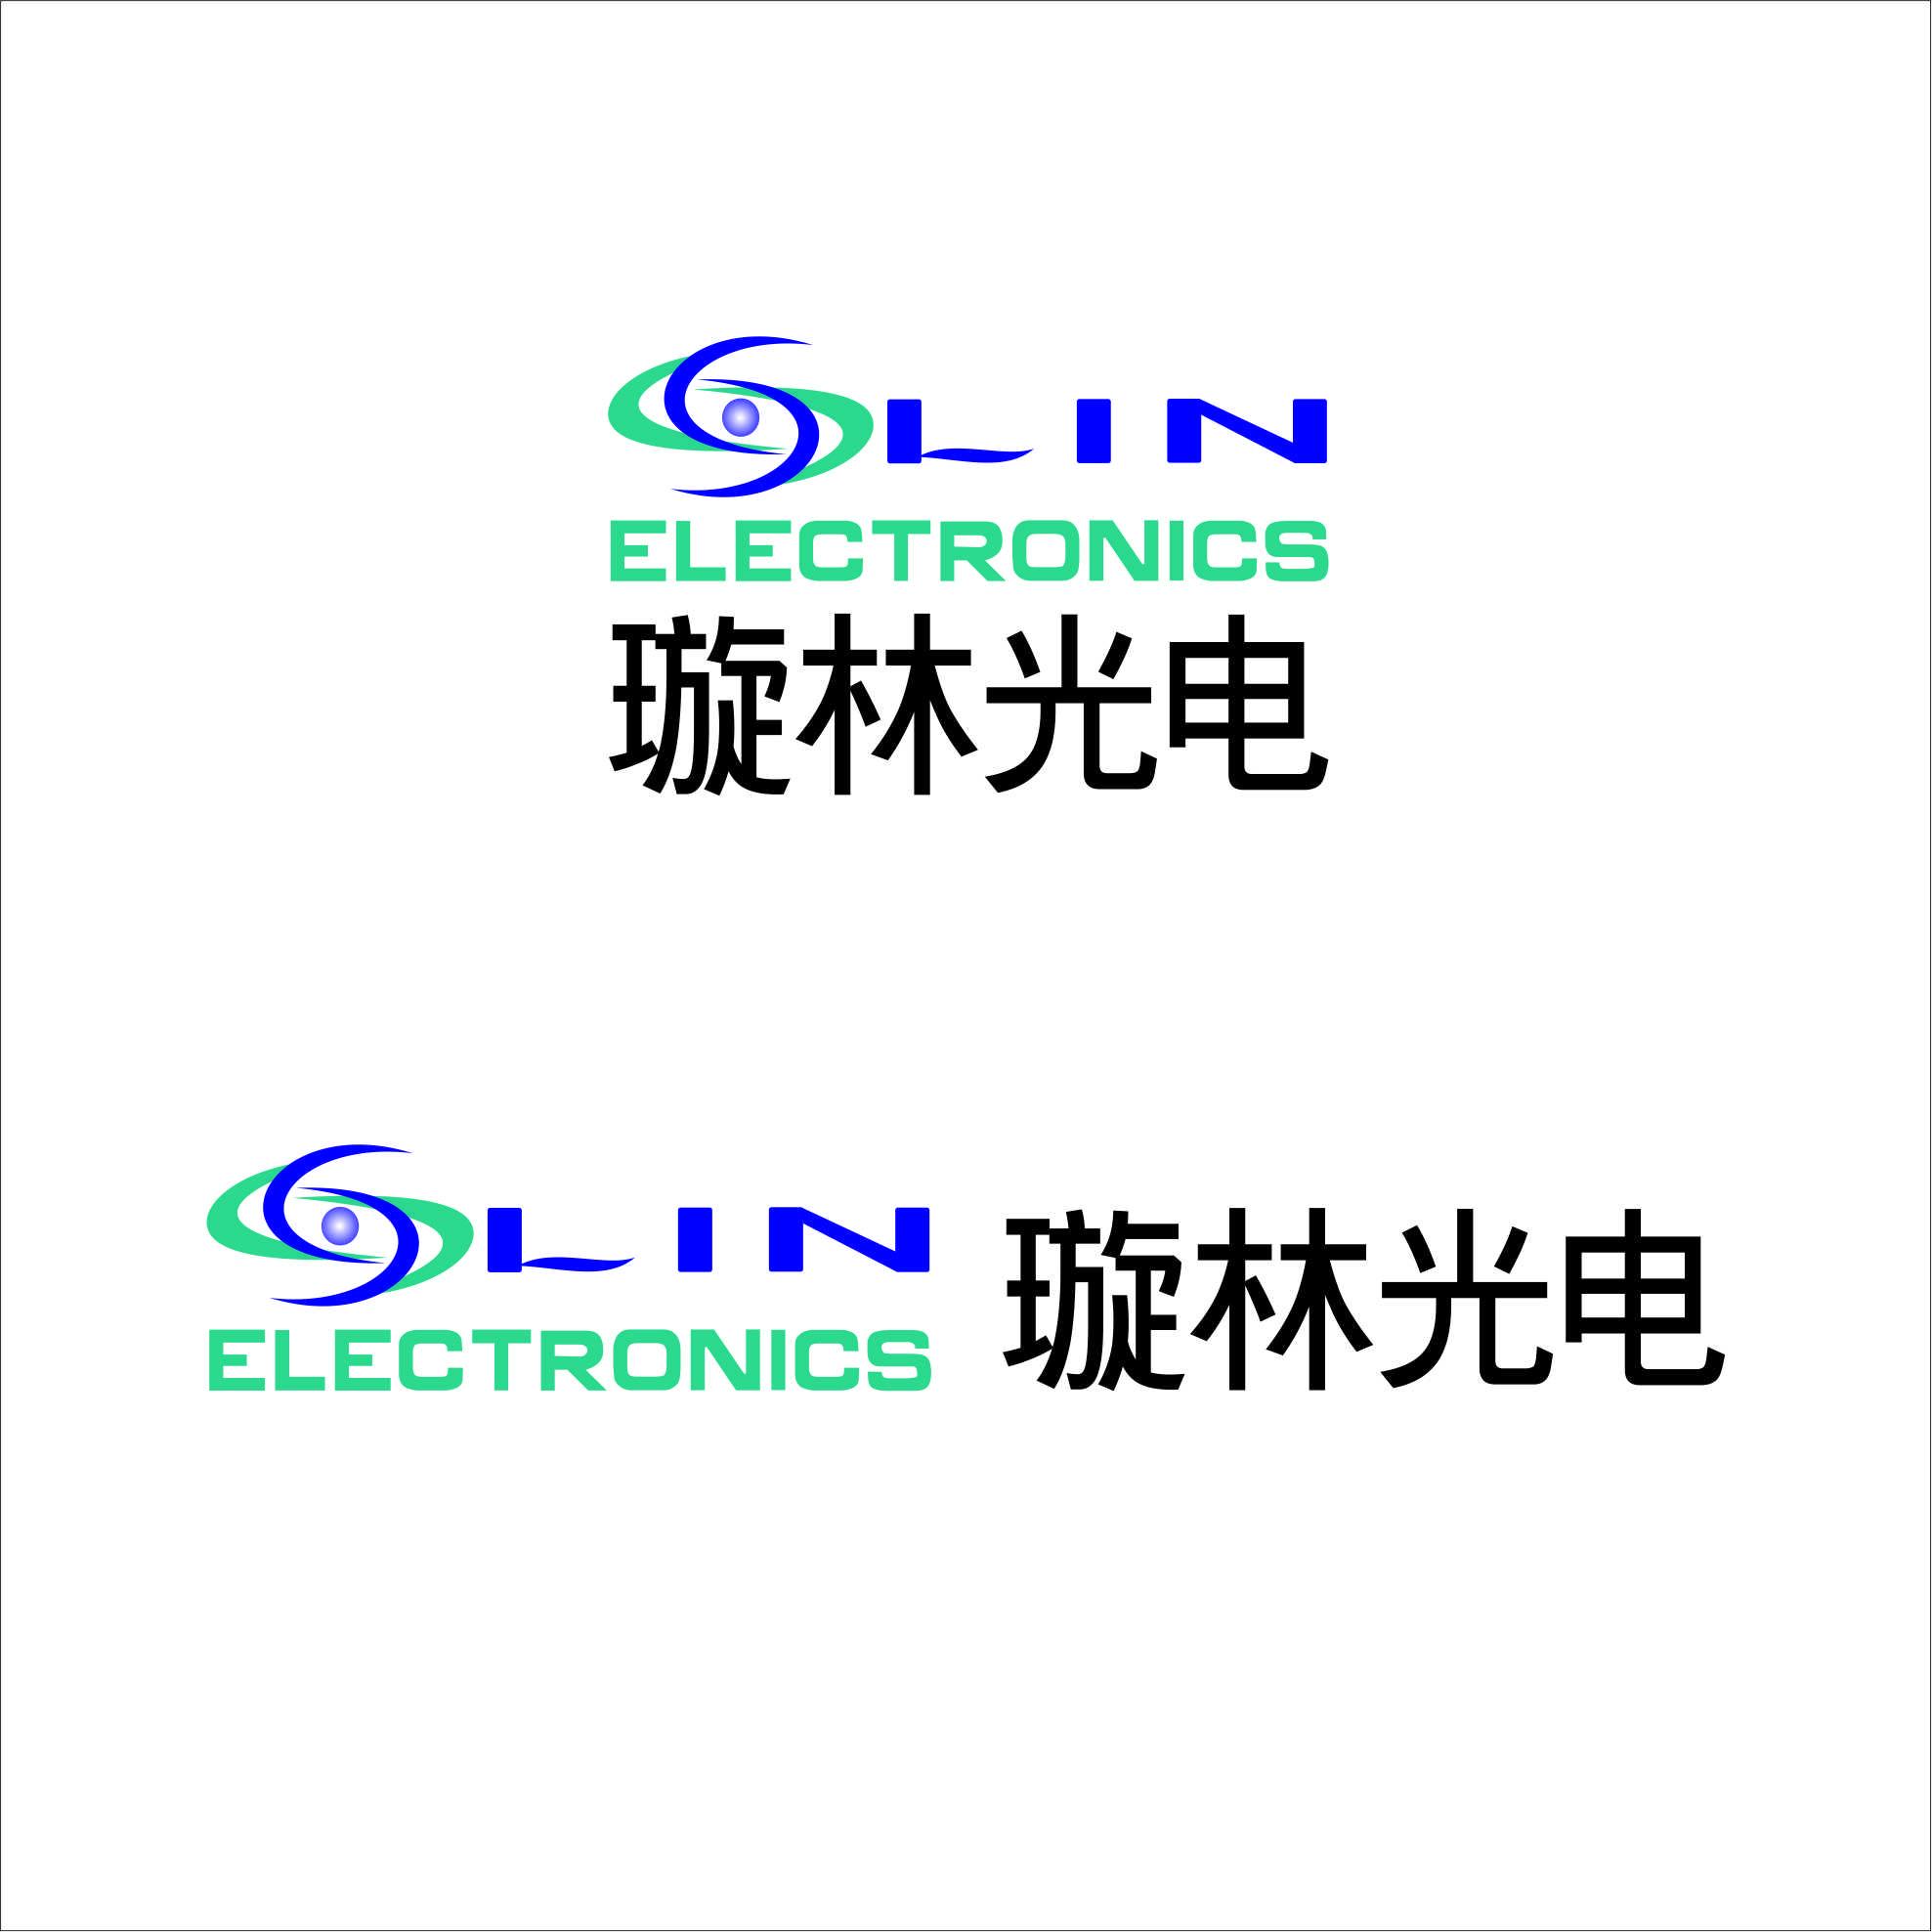 深圳市璇林电子科技有限公司最新招聘信息